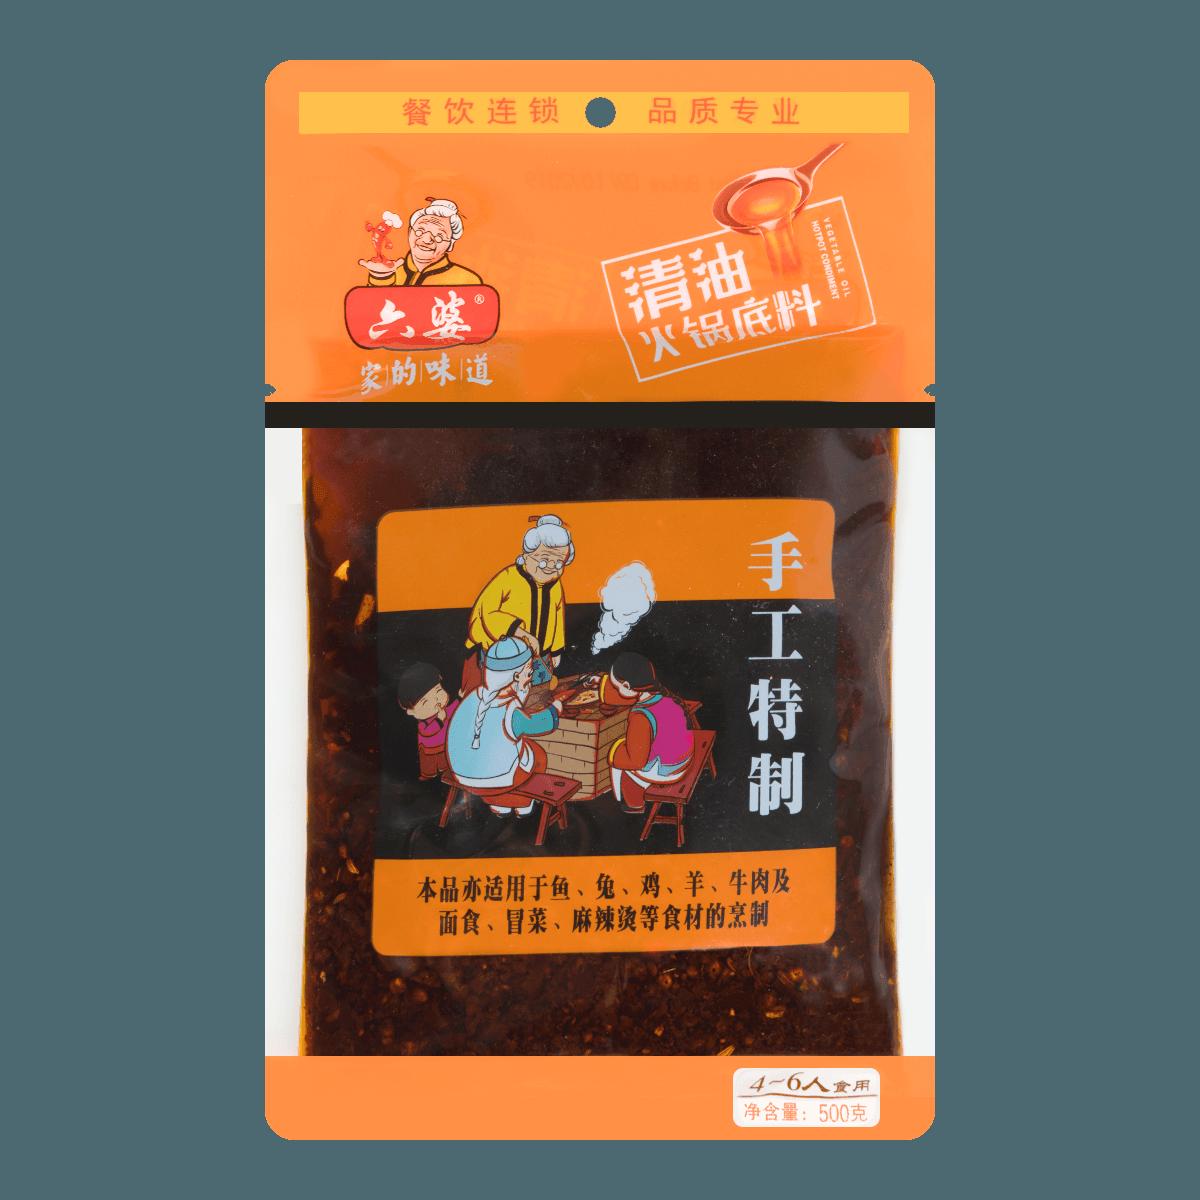 六婆 手工特制 清油火锅底料 500g